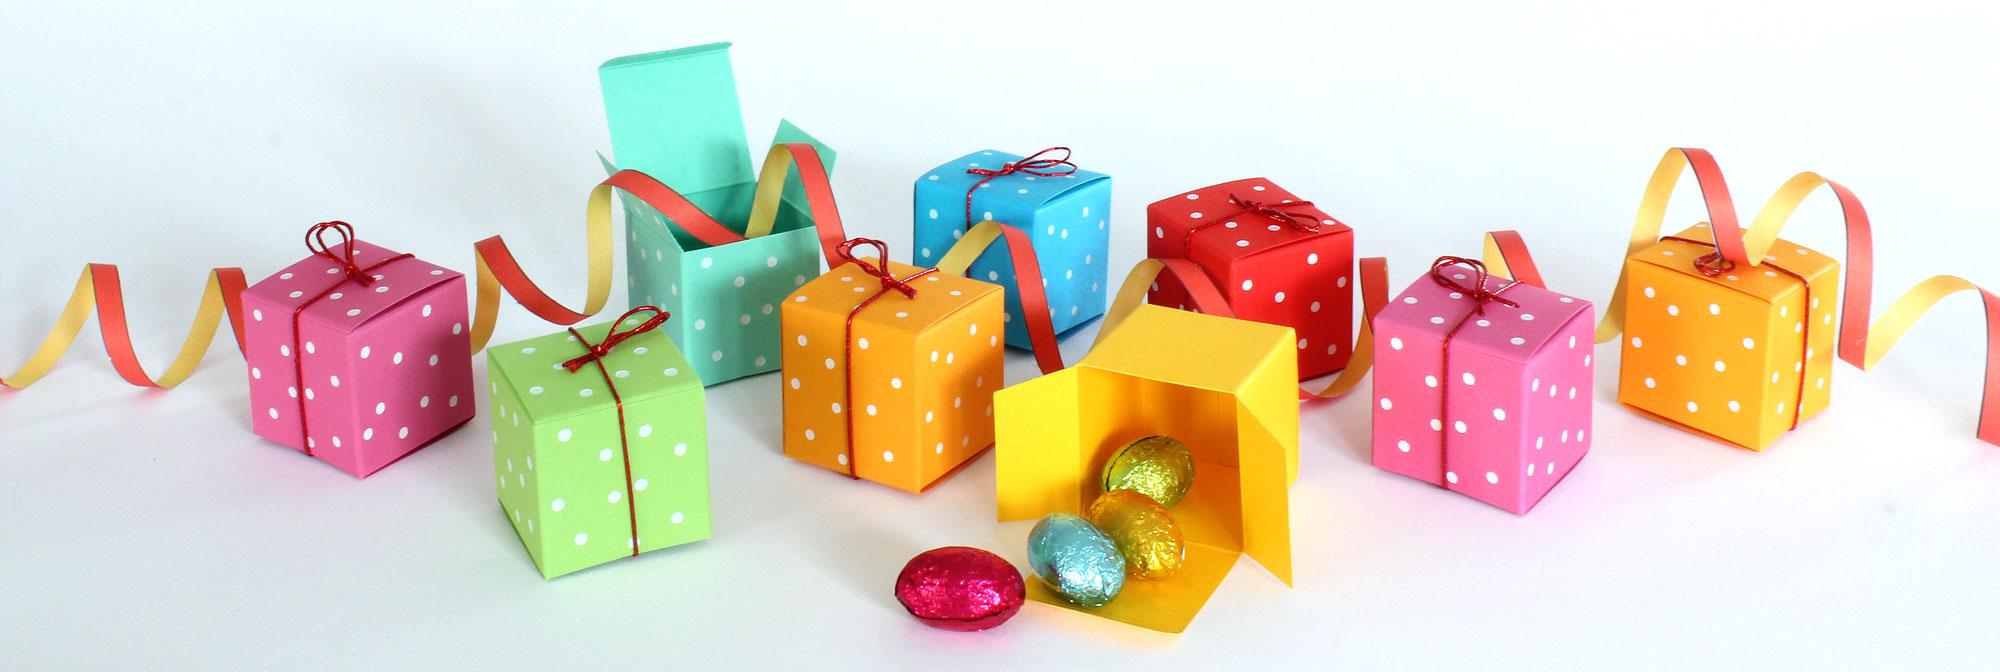 Geschenkschachteln-Würfel-white pearls, bunte 4x4 cm Schachteln